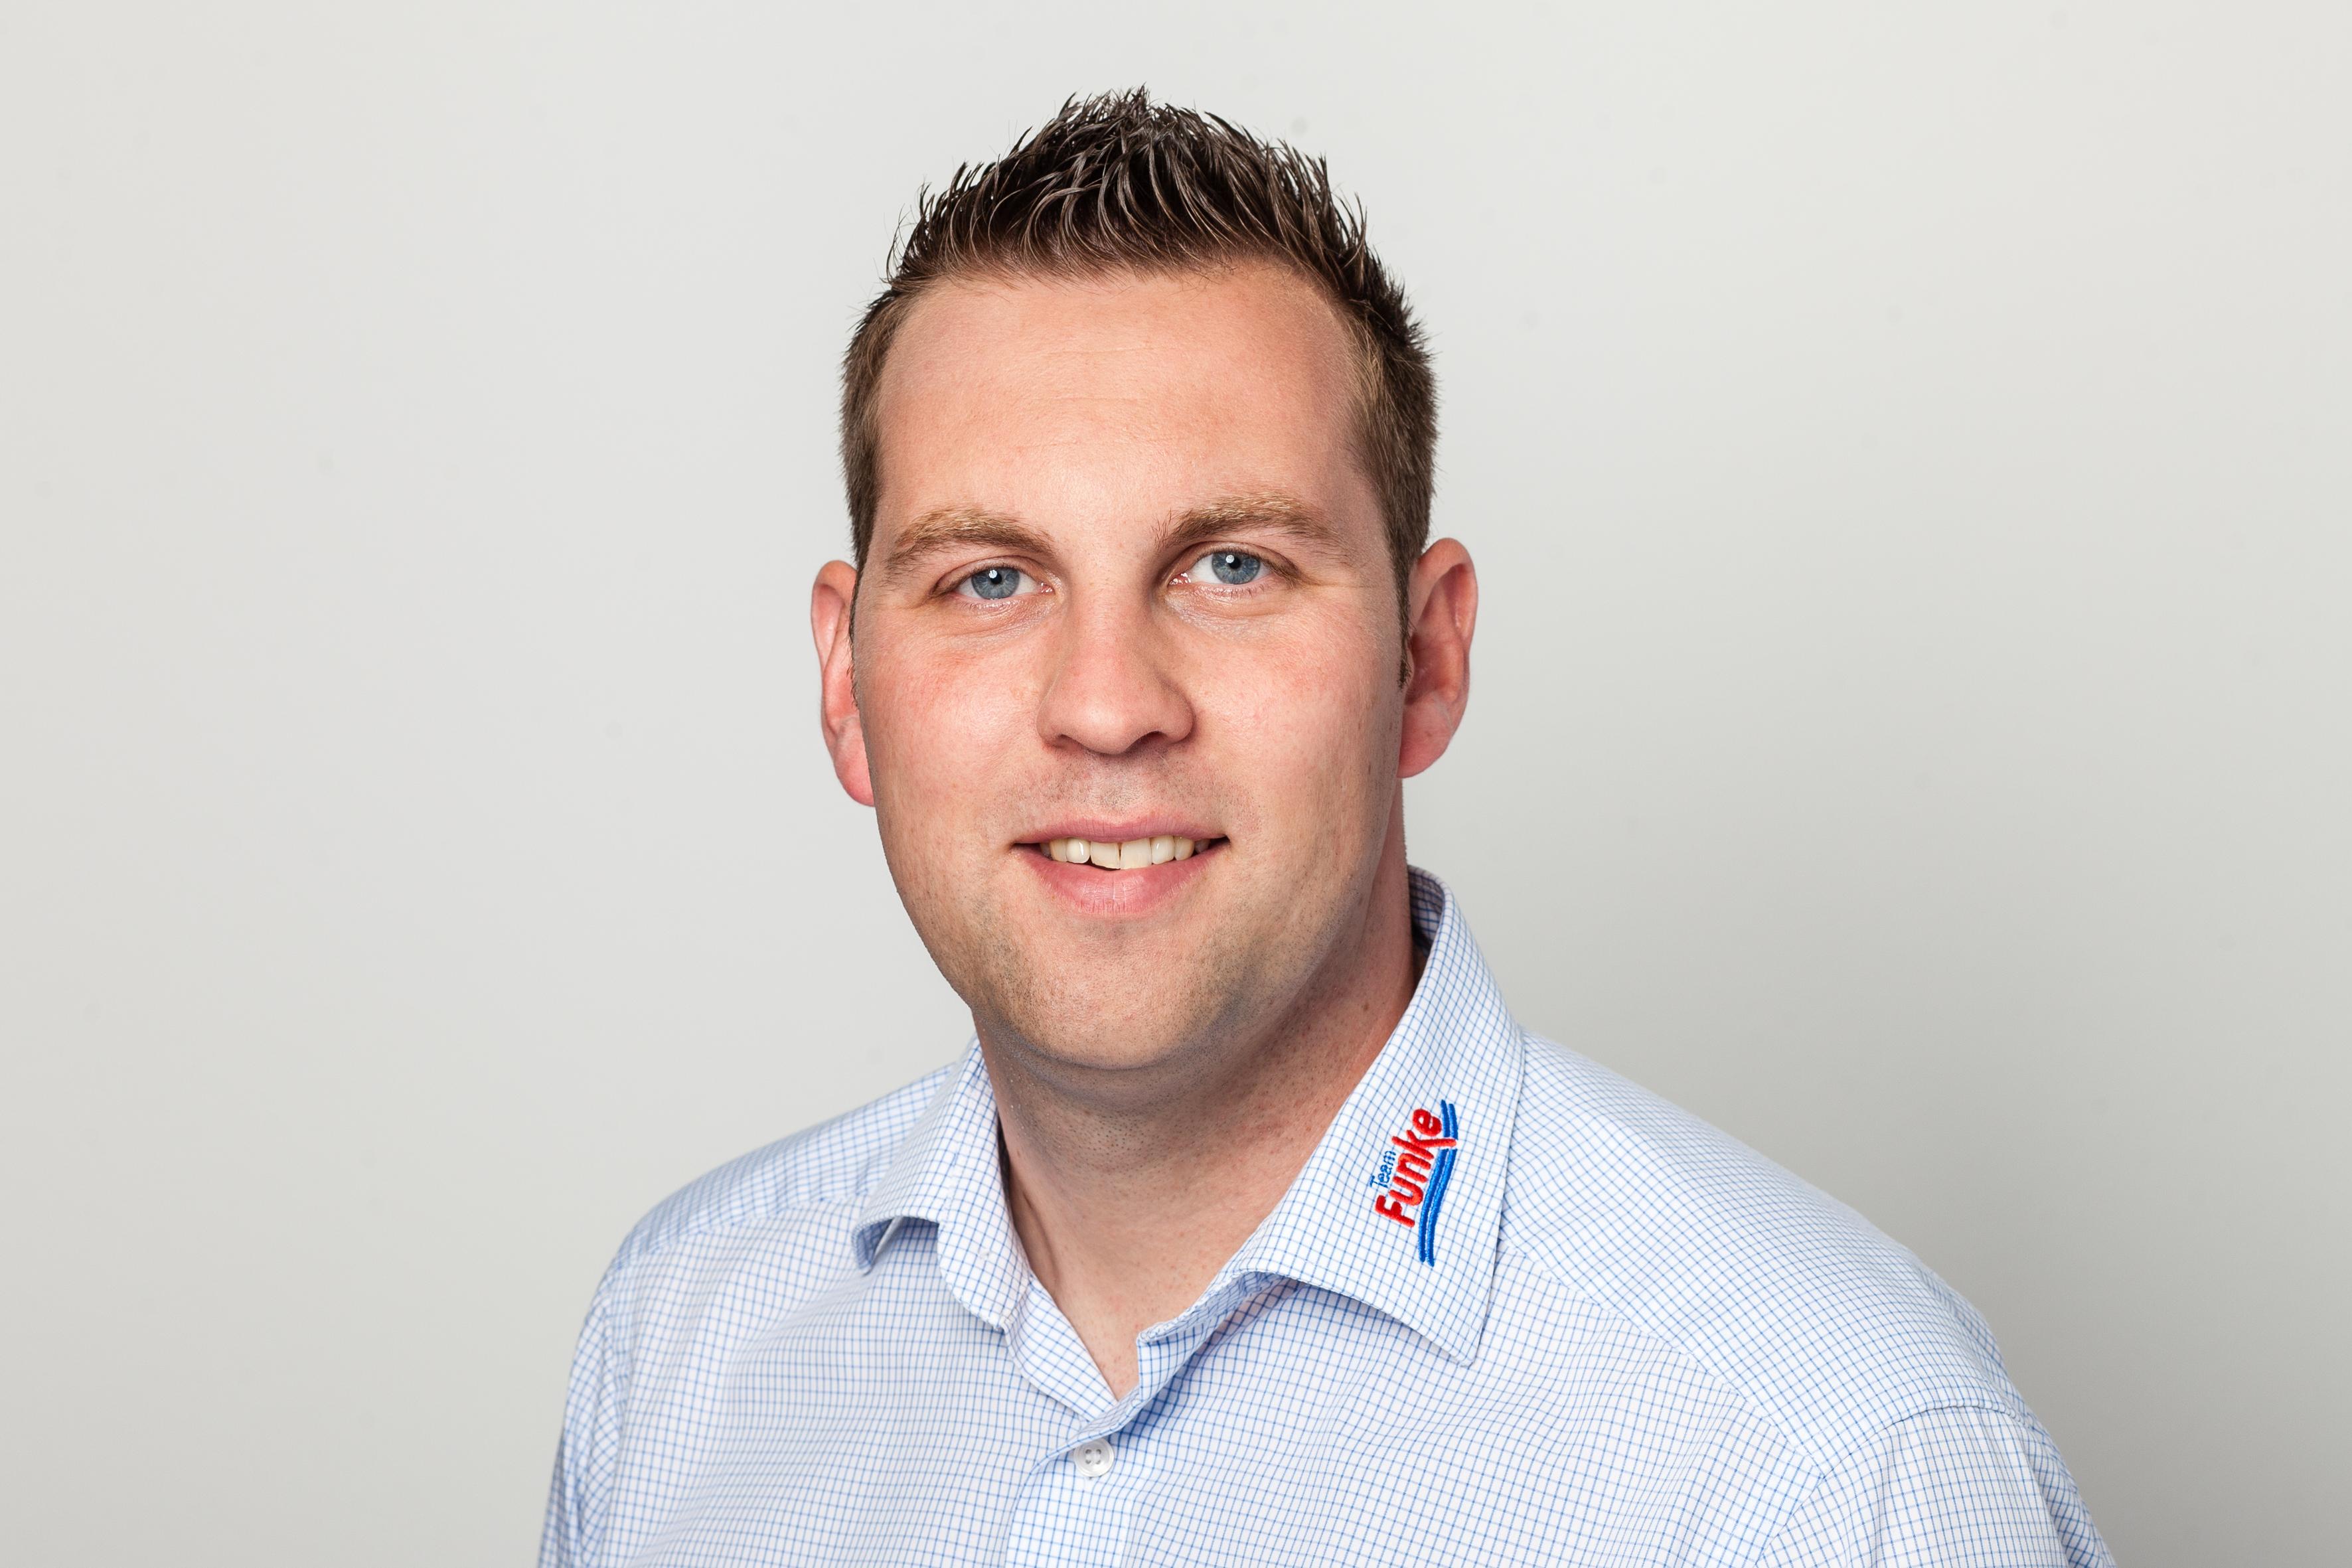 Sven Hüttemeier